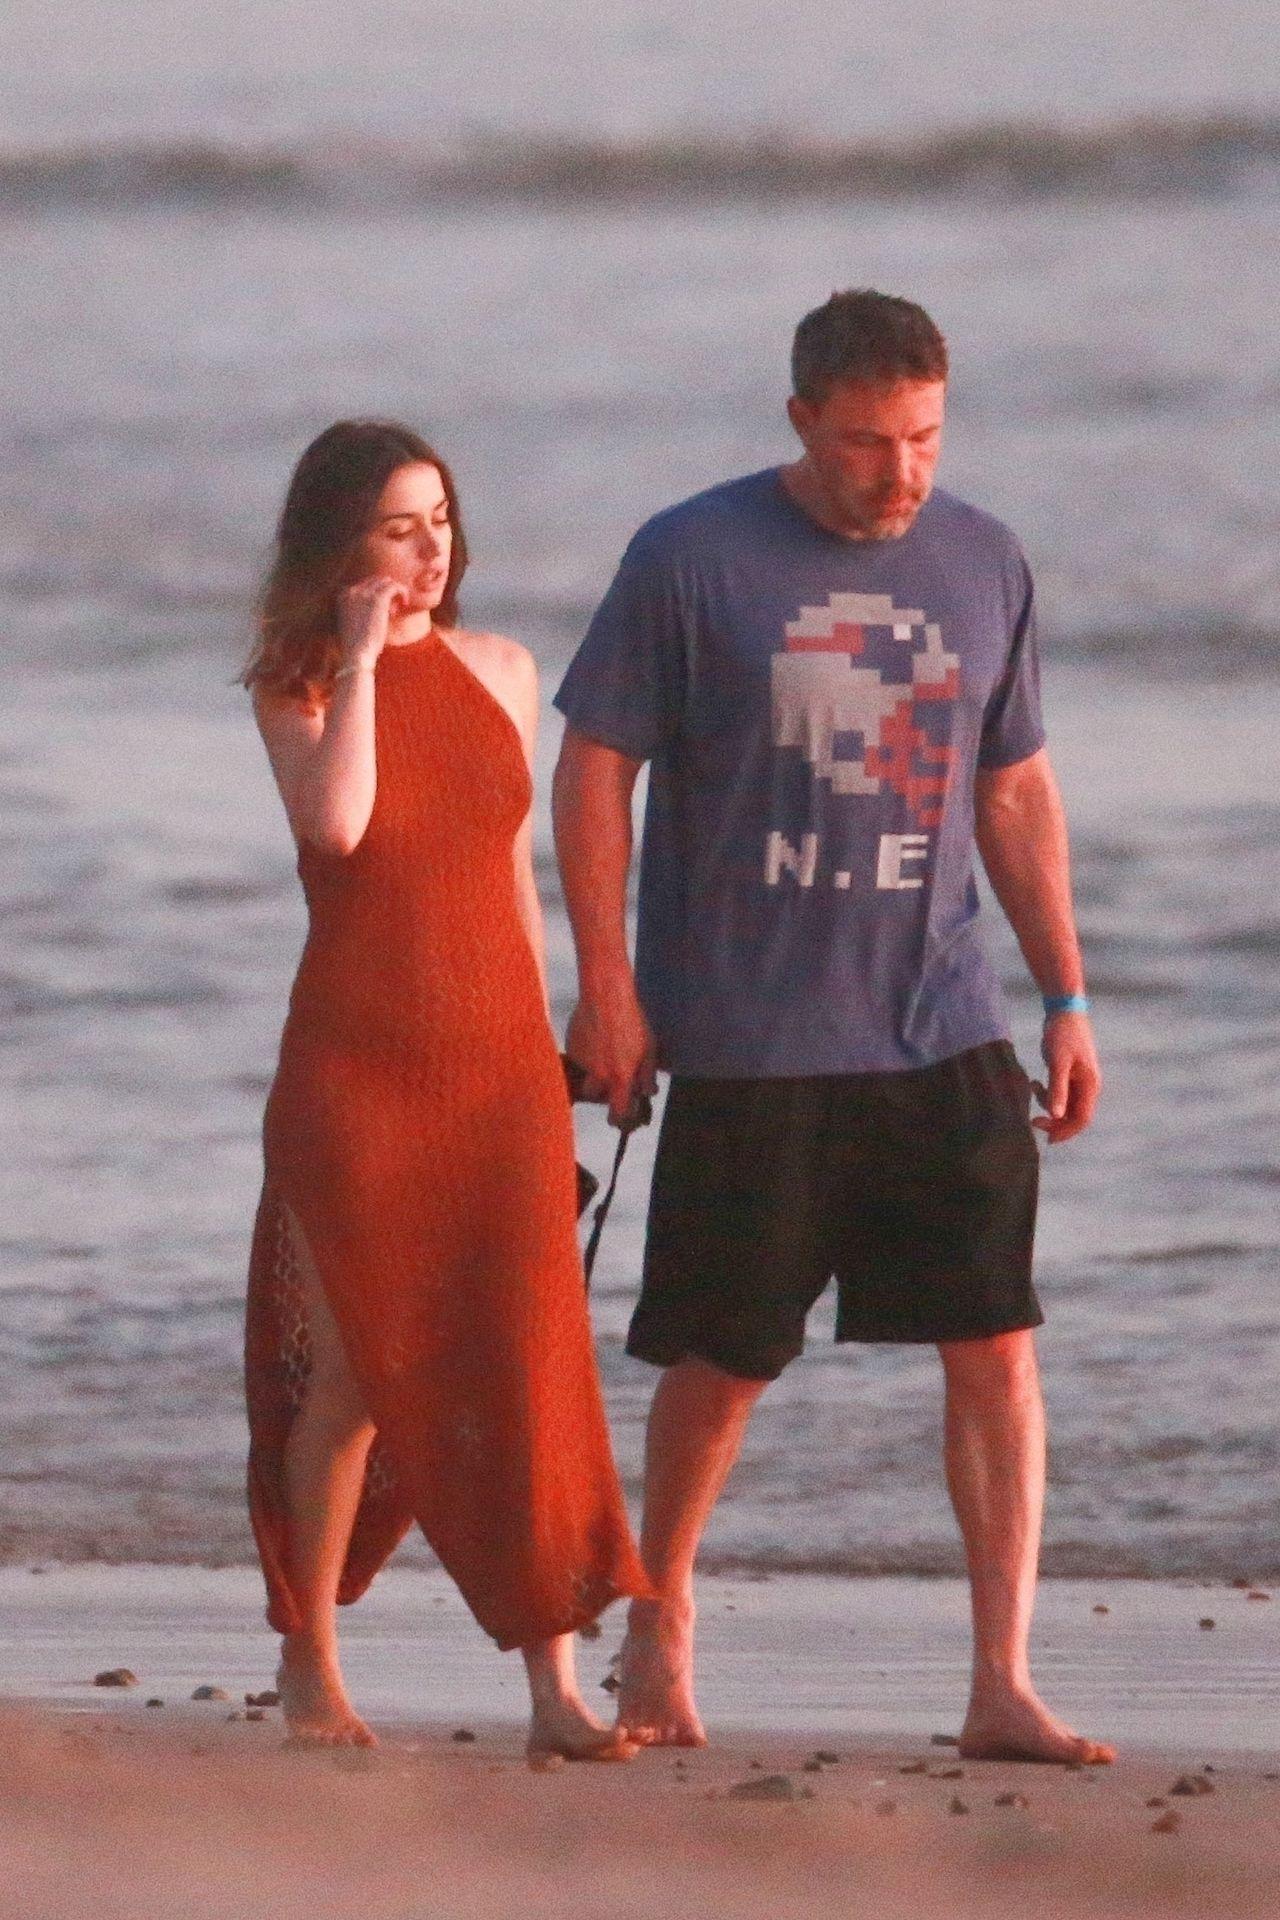 Ben Affleck & Ana De Armas Enjoy A Pda Moment During Romantic Beach Stroll In Costa Rica 0042